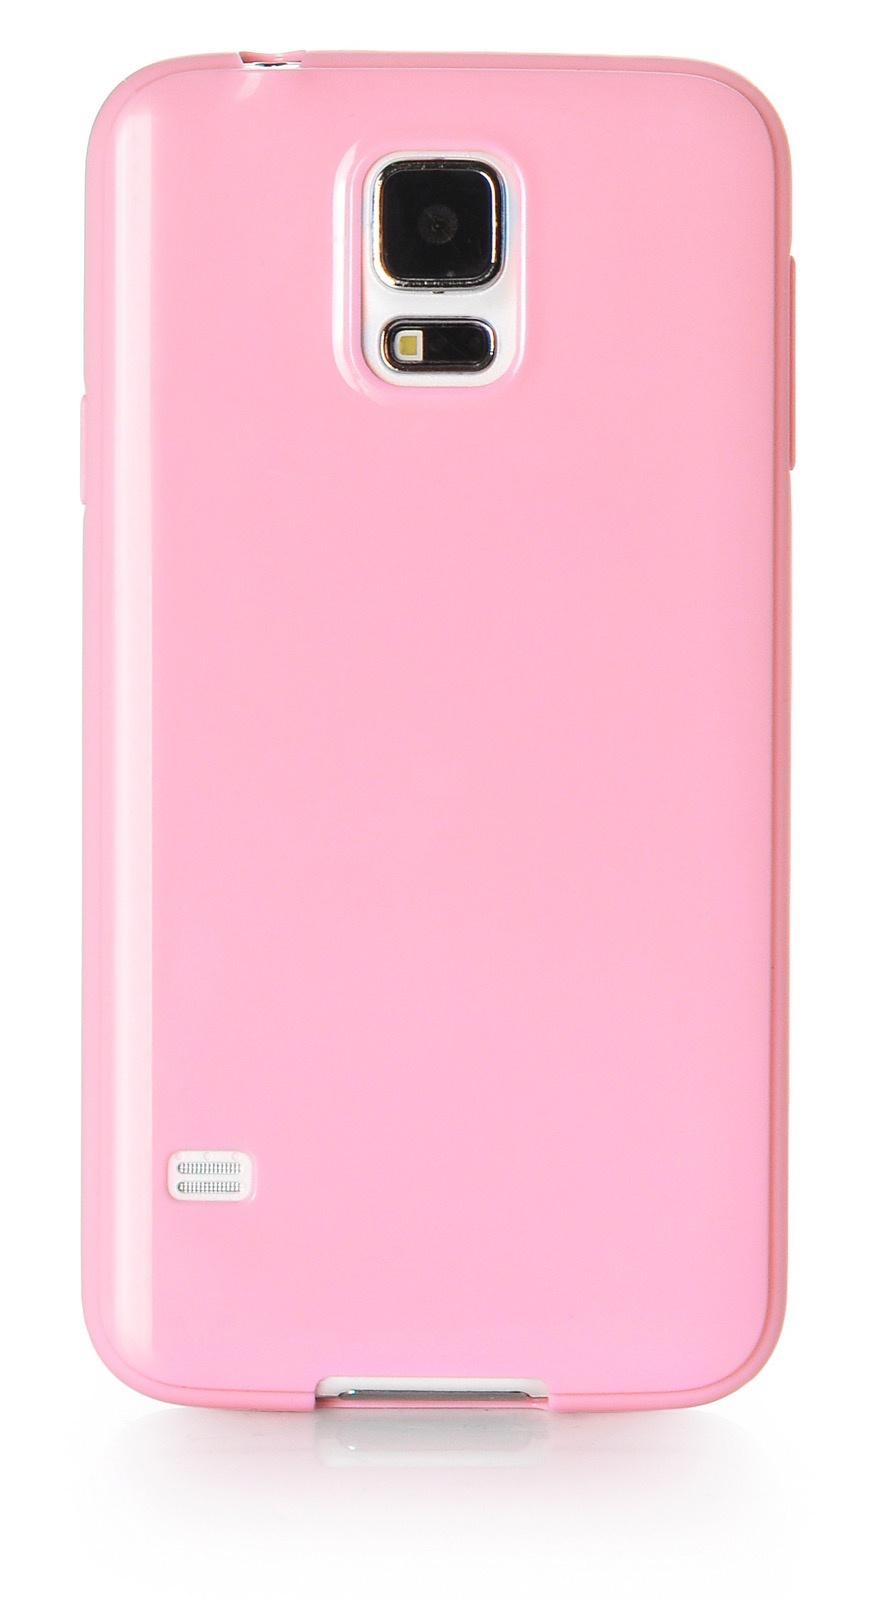 Чехол для сотового телефона iNeez накладка силикон мыльница 530086 для Samsung Galaxy S5, розовый